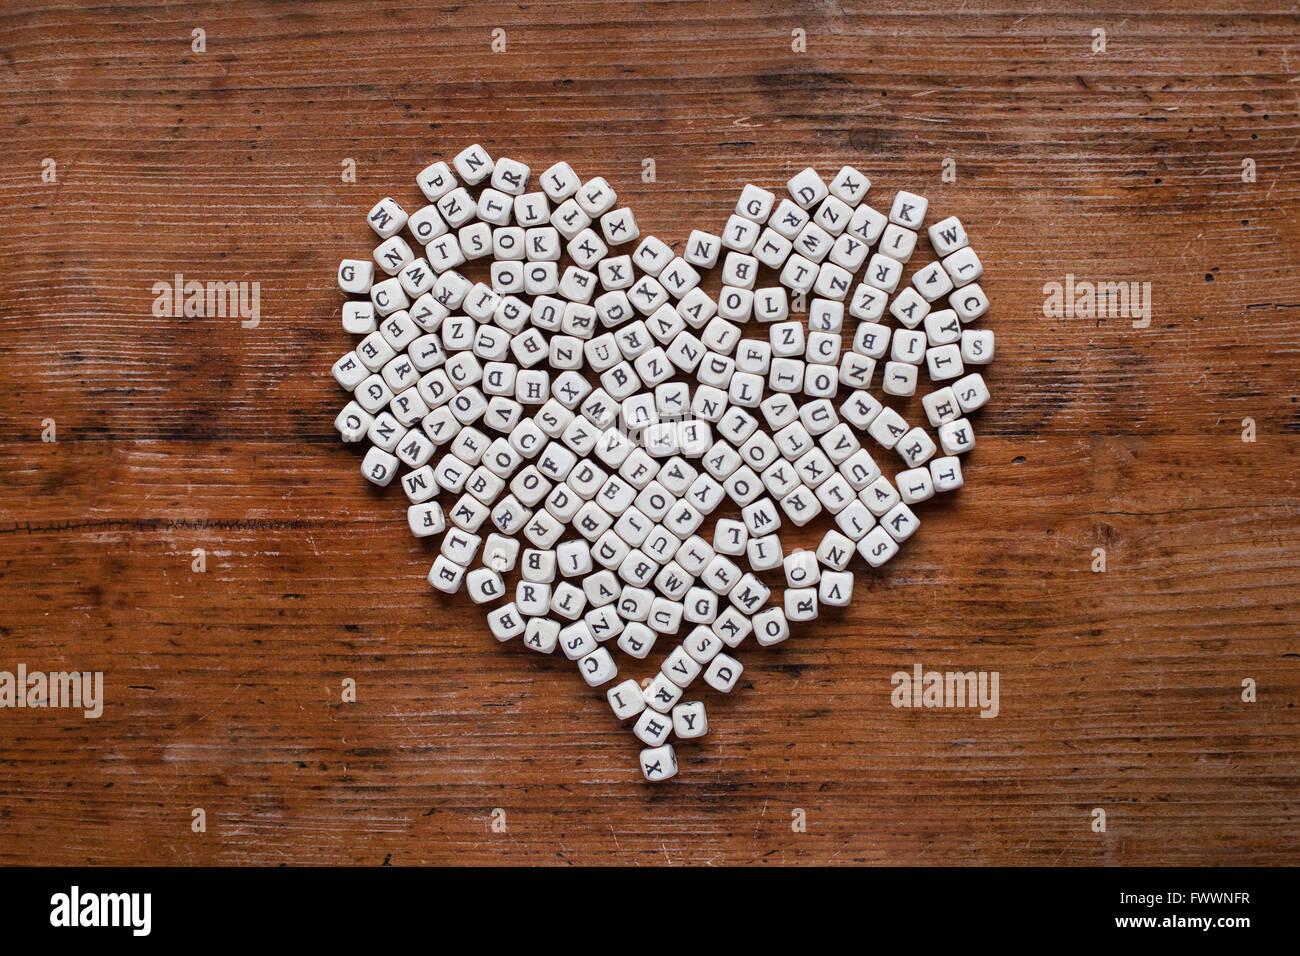 Il cuore da lettere sullo sfondo di legno, amore apprendimento, educazione e concetto di alfabetizzazione Immagini Stock